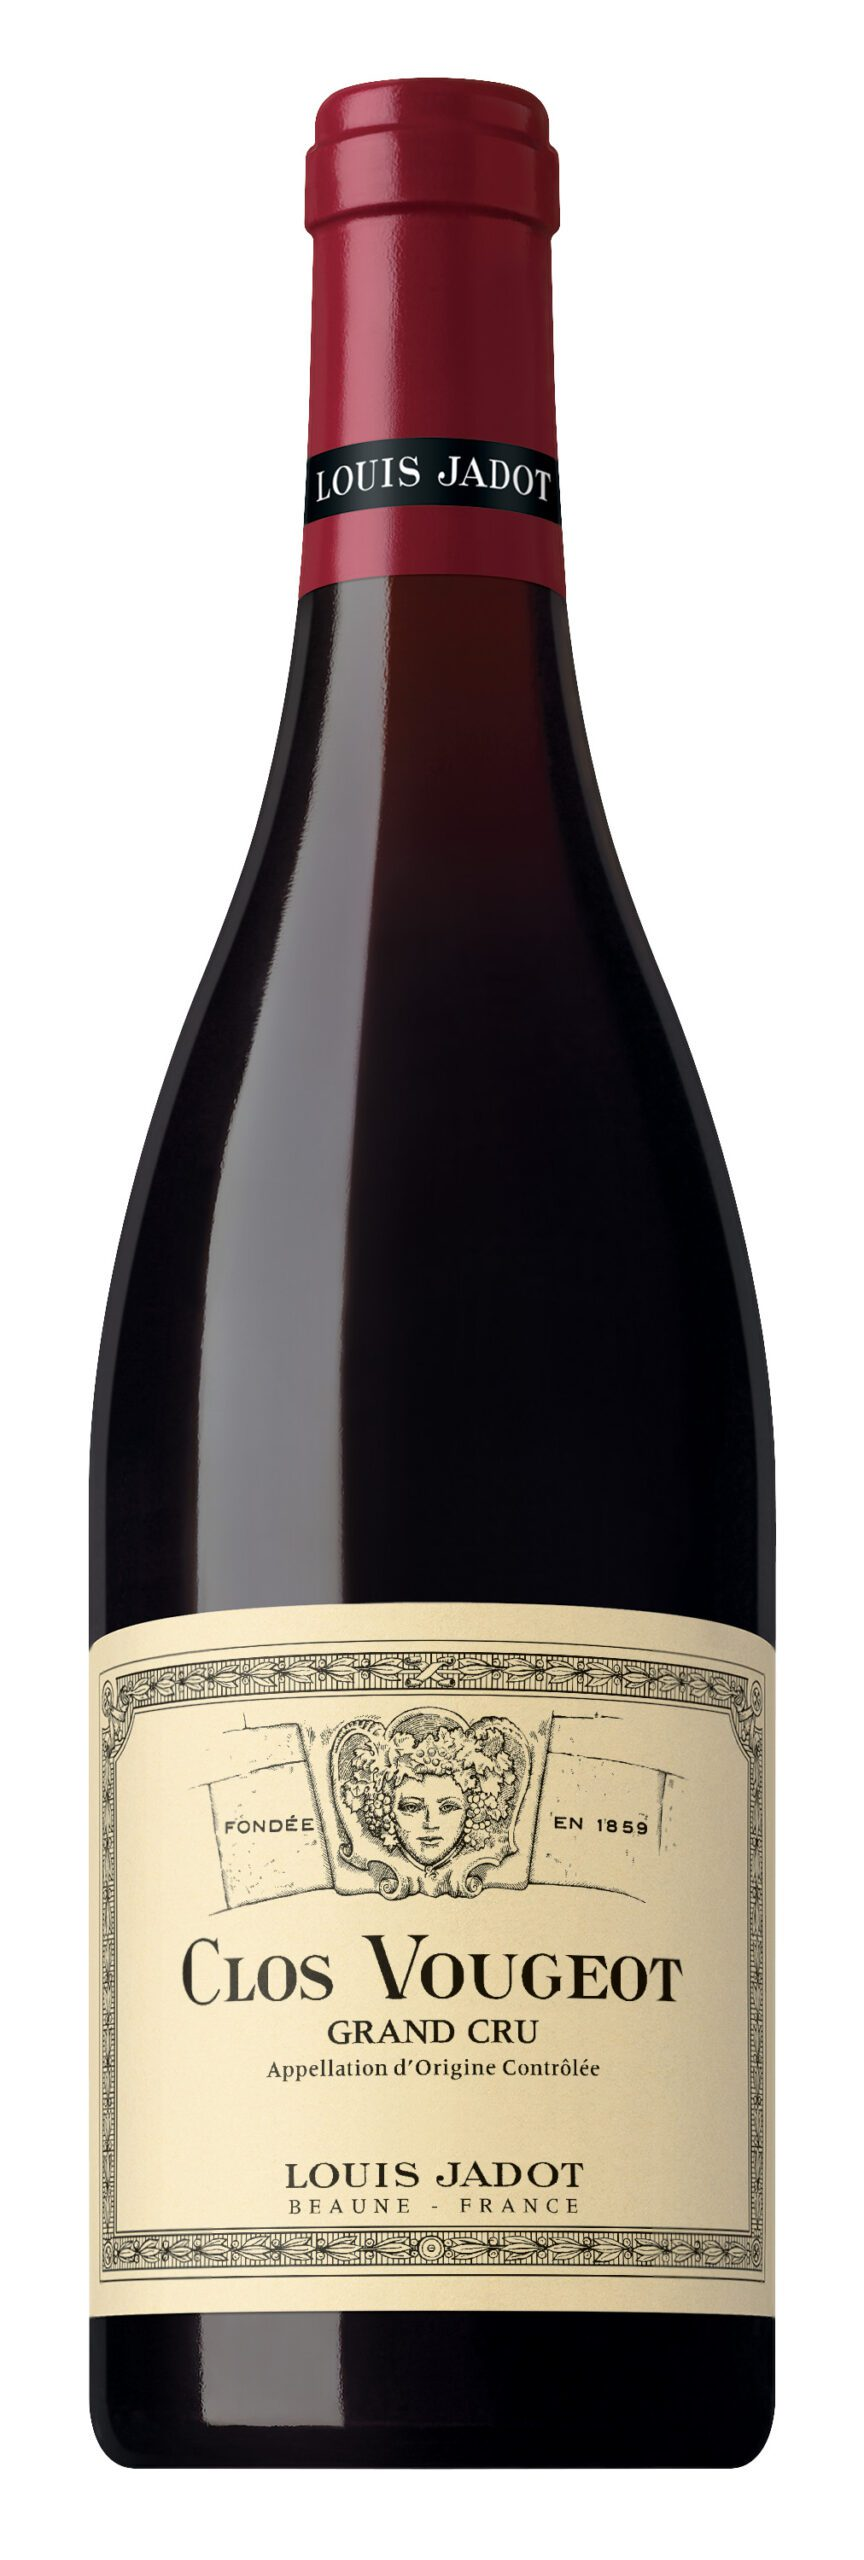 Louis Jadot Clos Vougeot Grand Cru Bottle Image